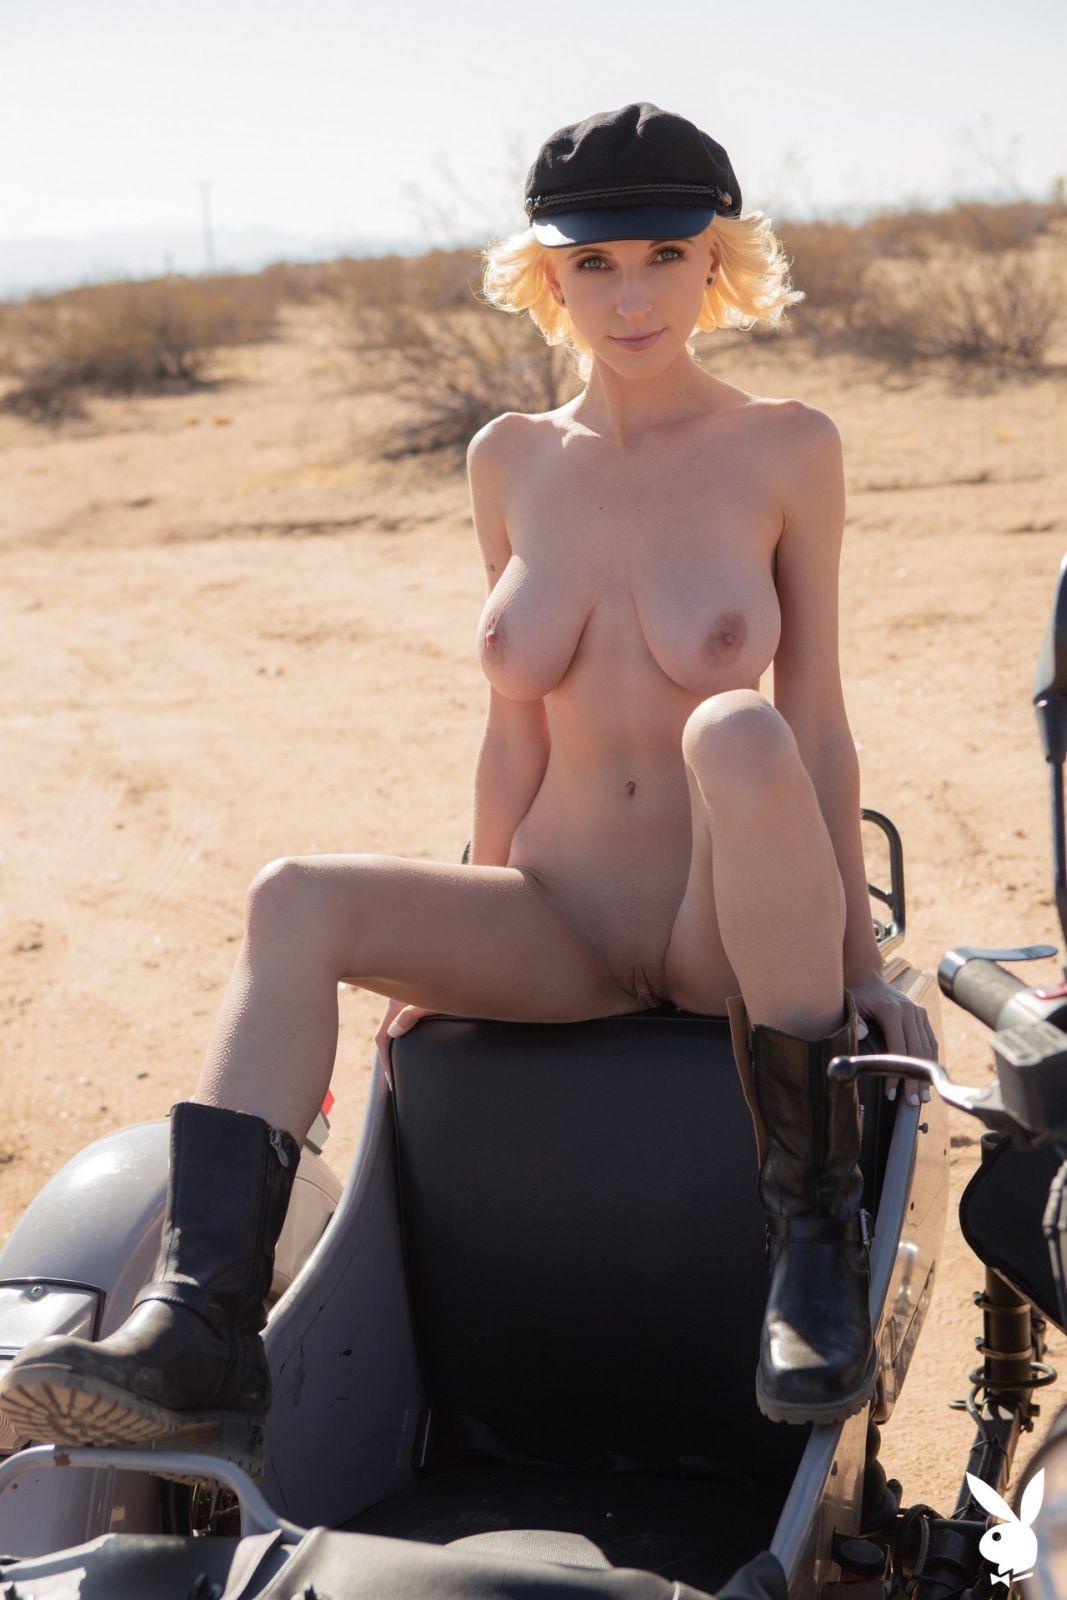 Модель с большими сиськами на мотоцикле - фото